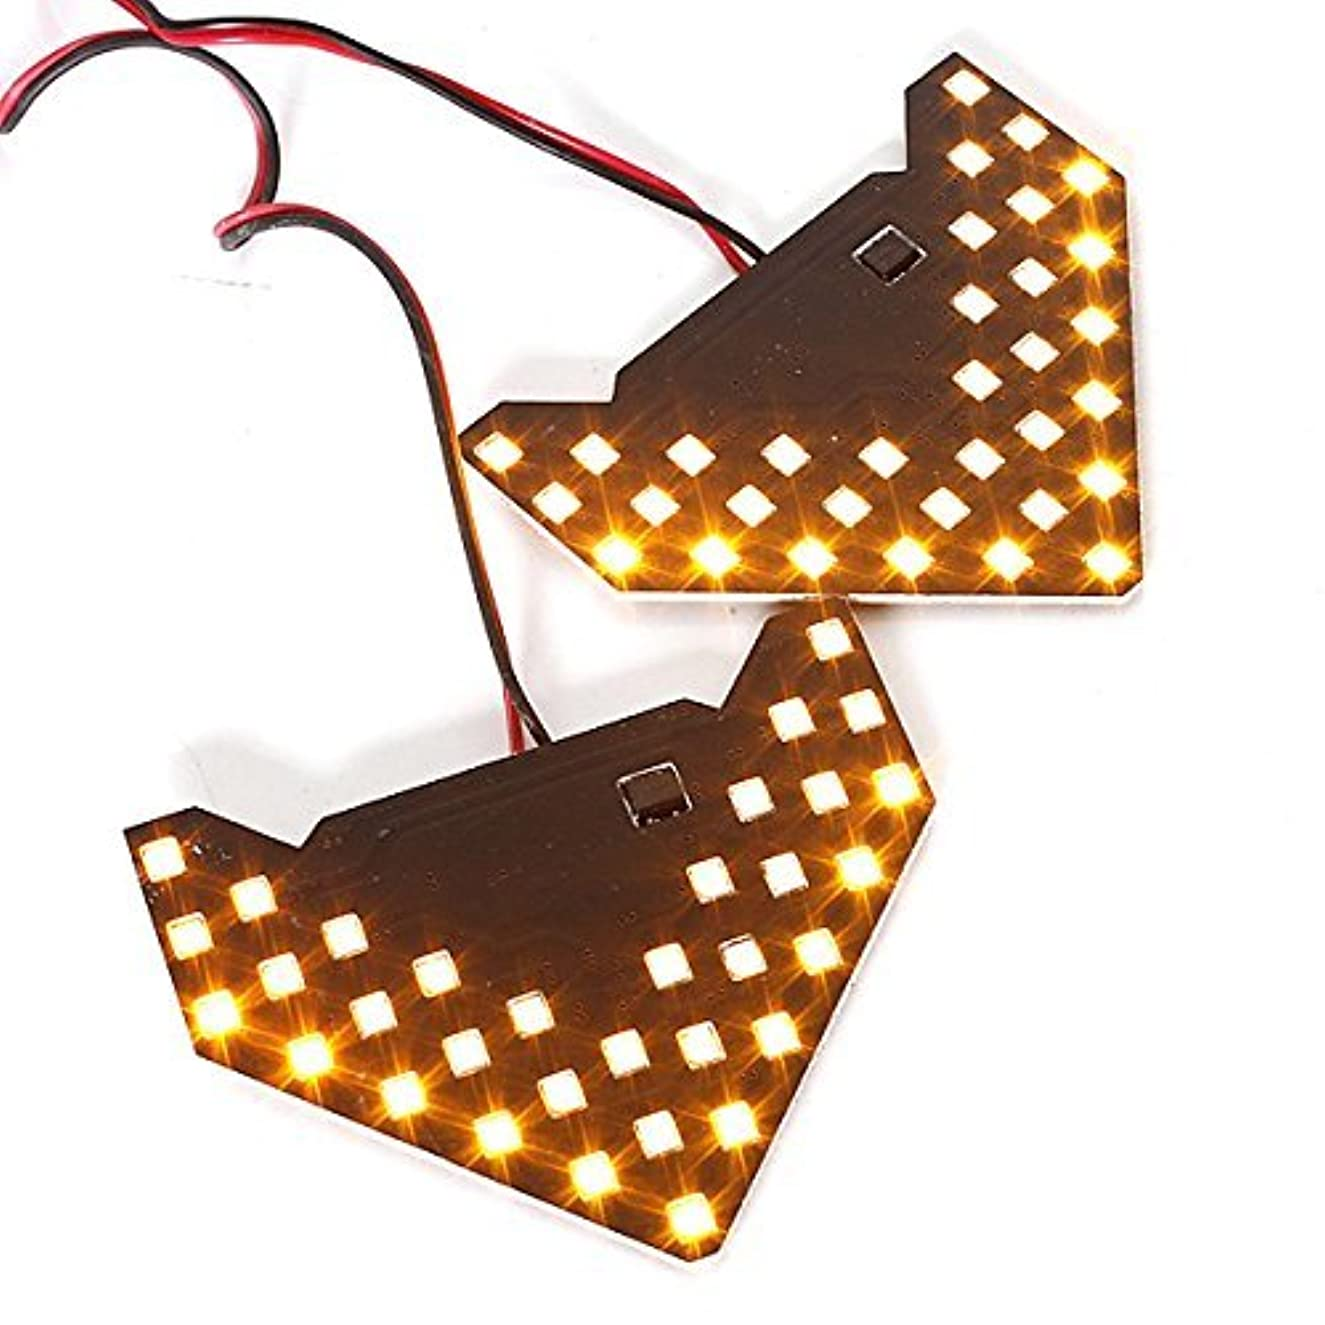 どこか息子急ぐ2PCS /ロット!! 33 SMDシーケンシャルLedライト矢印ランプインジケータSafe ledパネルカーサイドミラーTurn信号33 LED (黄)